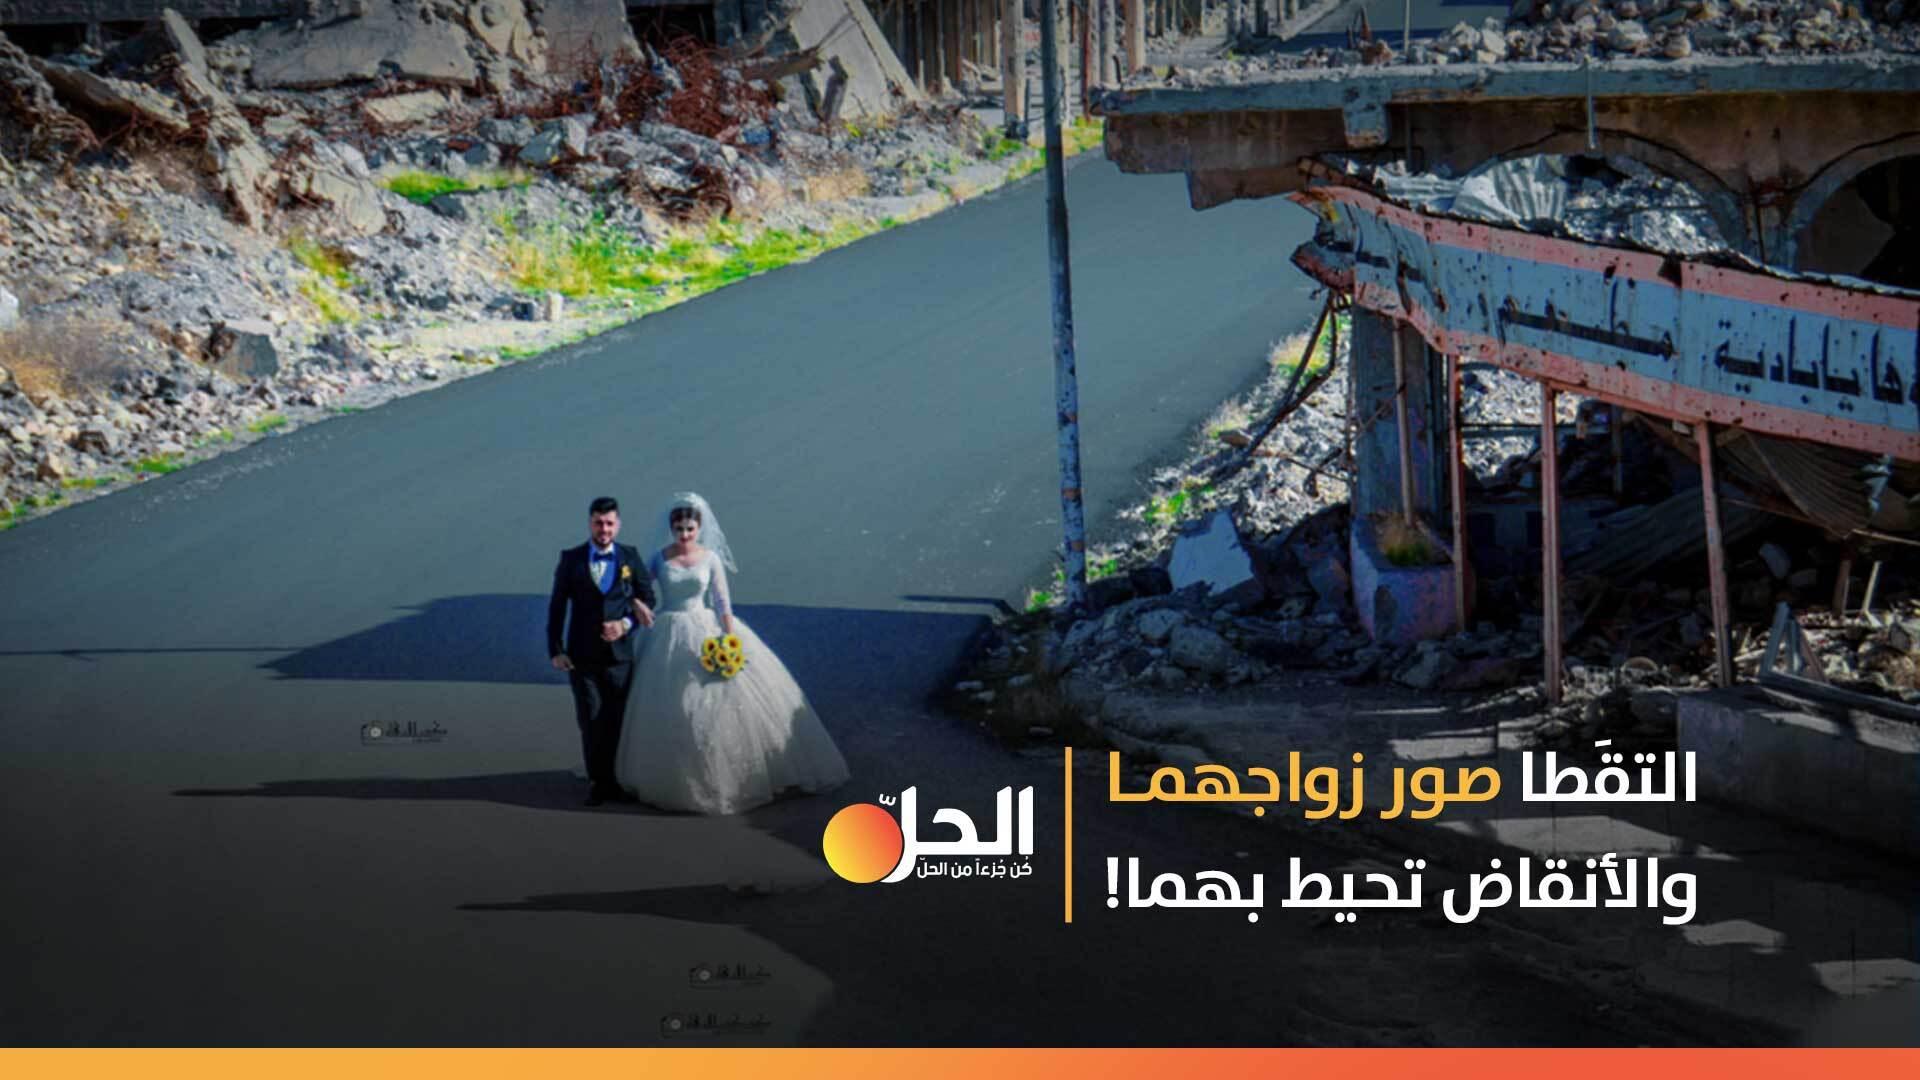 شاهد/ ـي: عروسان يَحتفلان بزفافهما وسط أنقاض سنجار